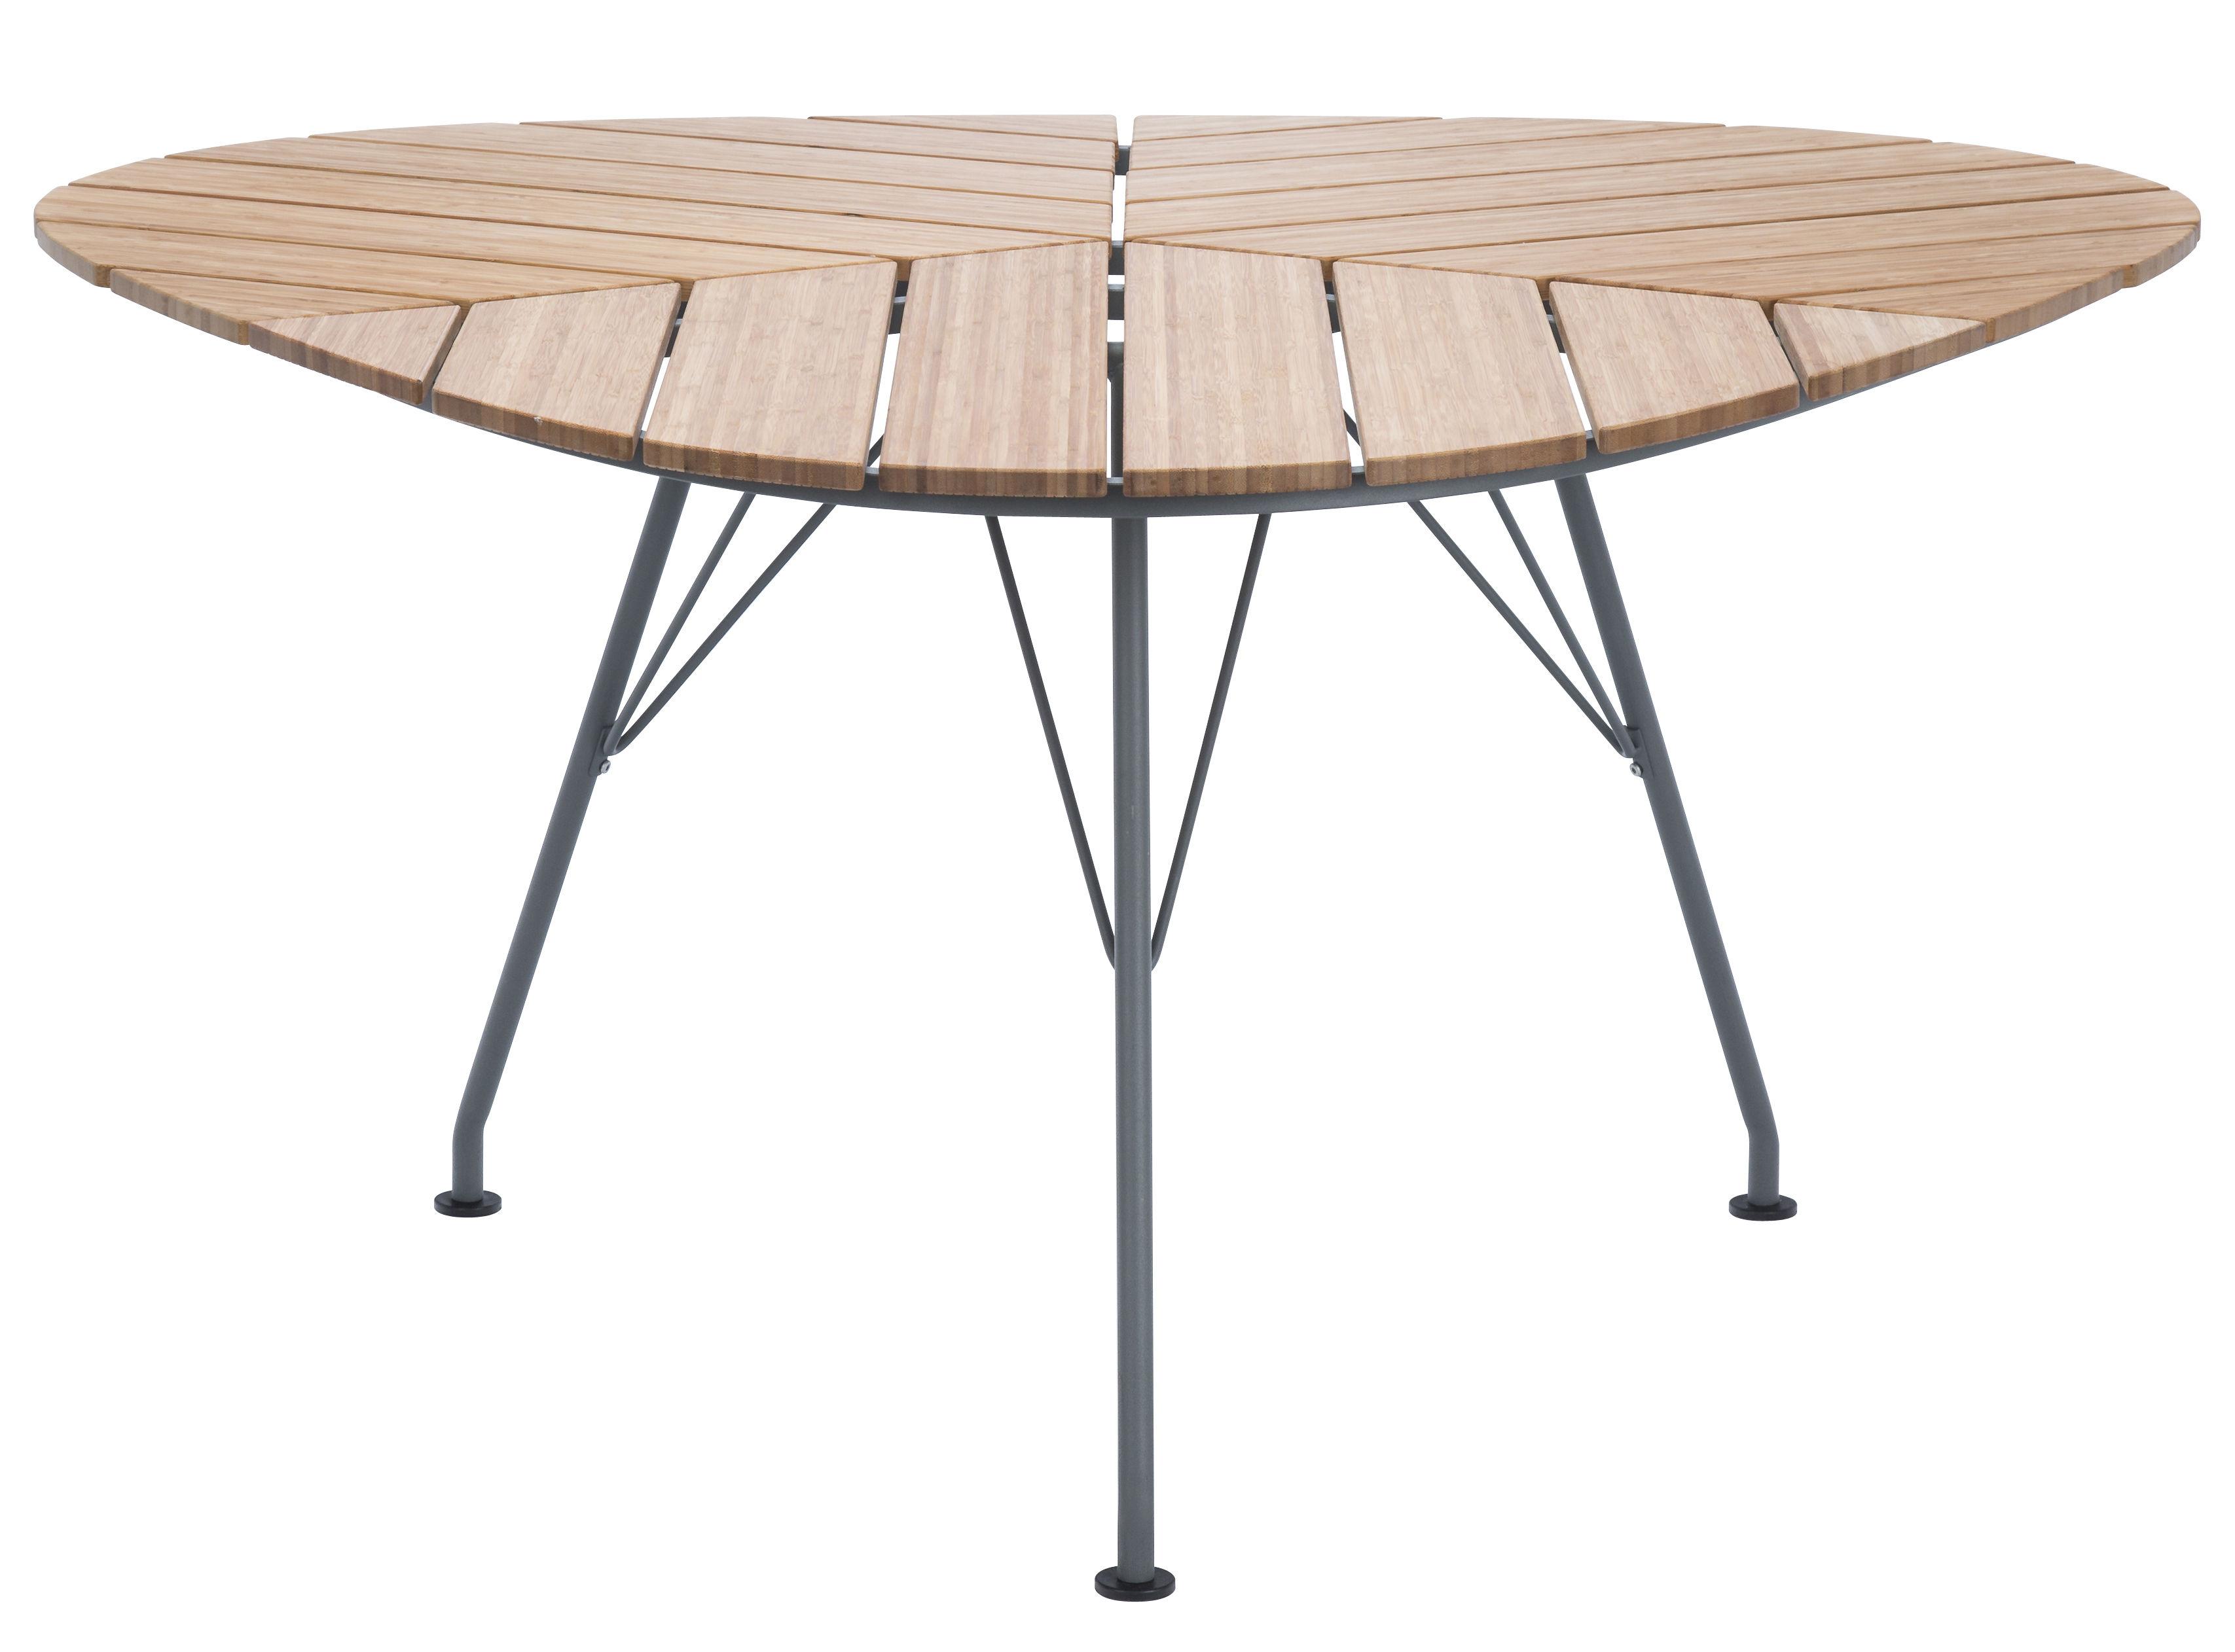 Jardin - Tables de jardin - Table de jardin Leaf / Bambou - Triangulaire - 146 x 146 x 146 cm - Houe - Bambou / Piètement gris - Bambou, Métal laqué époxy